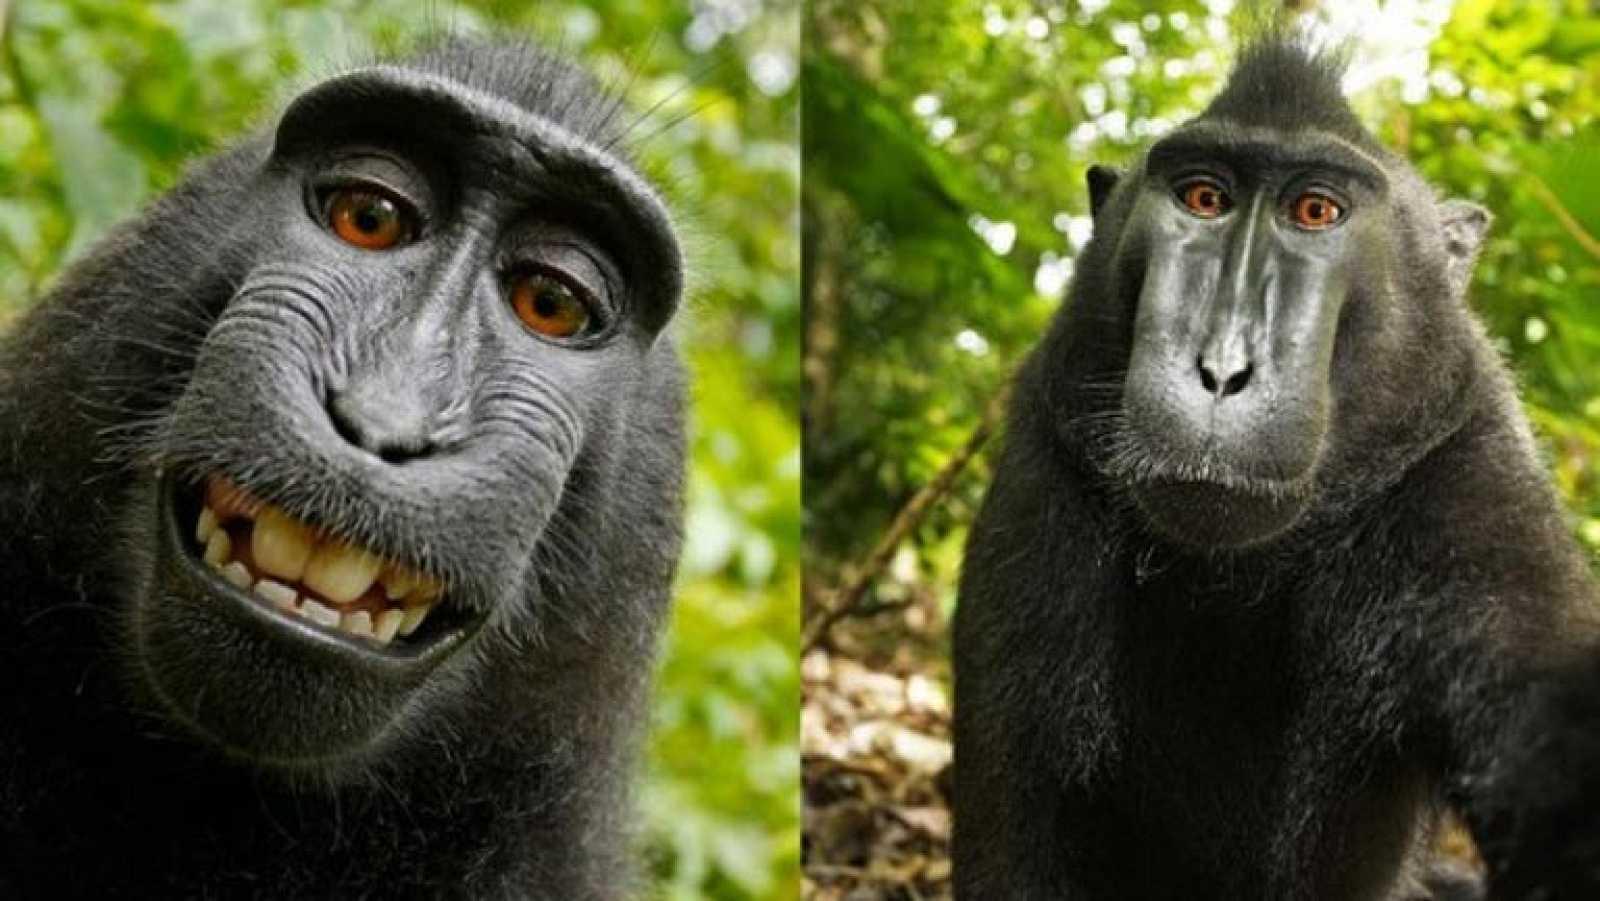 El Selfie De Un Mono Crea Polémica De Quién Es La Foto Rtvees